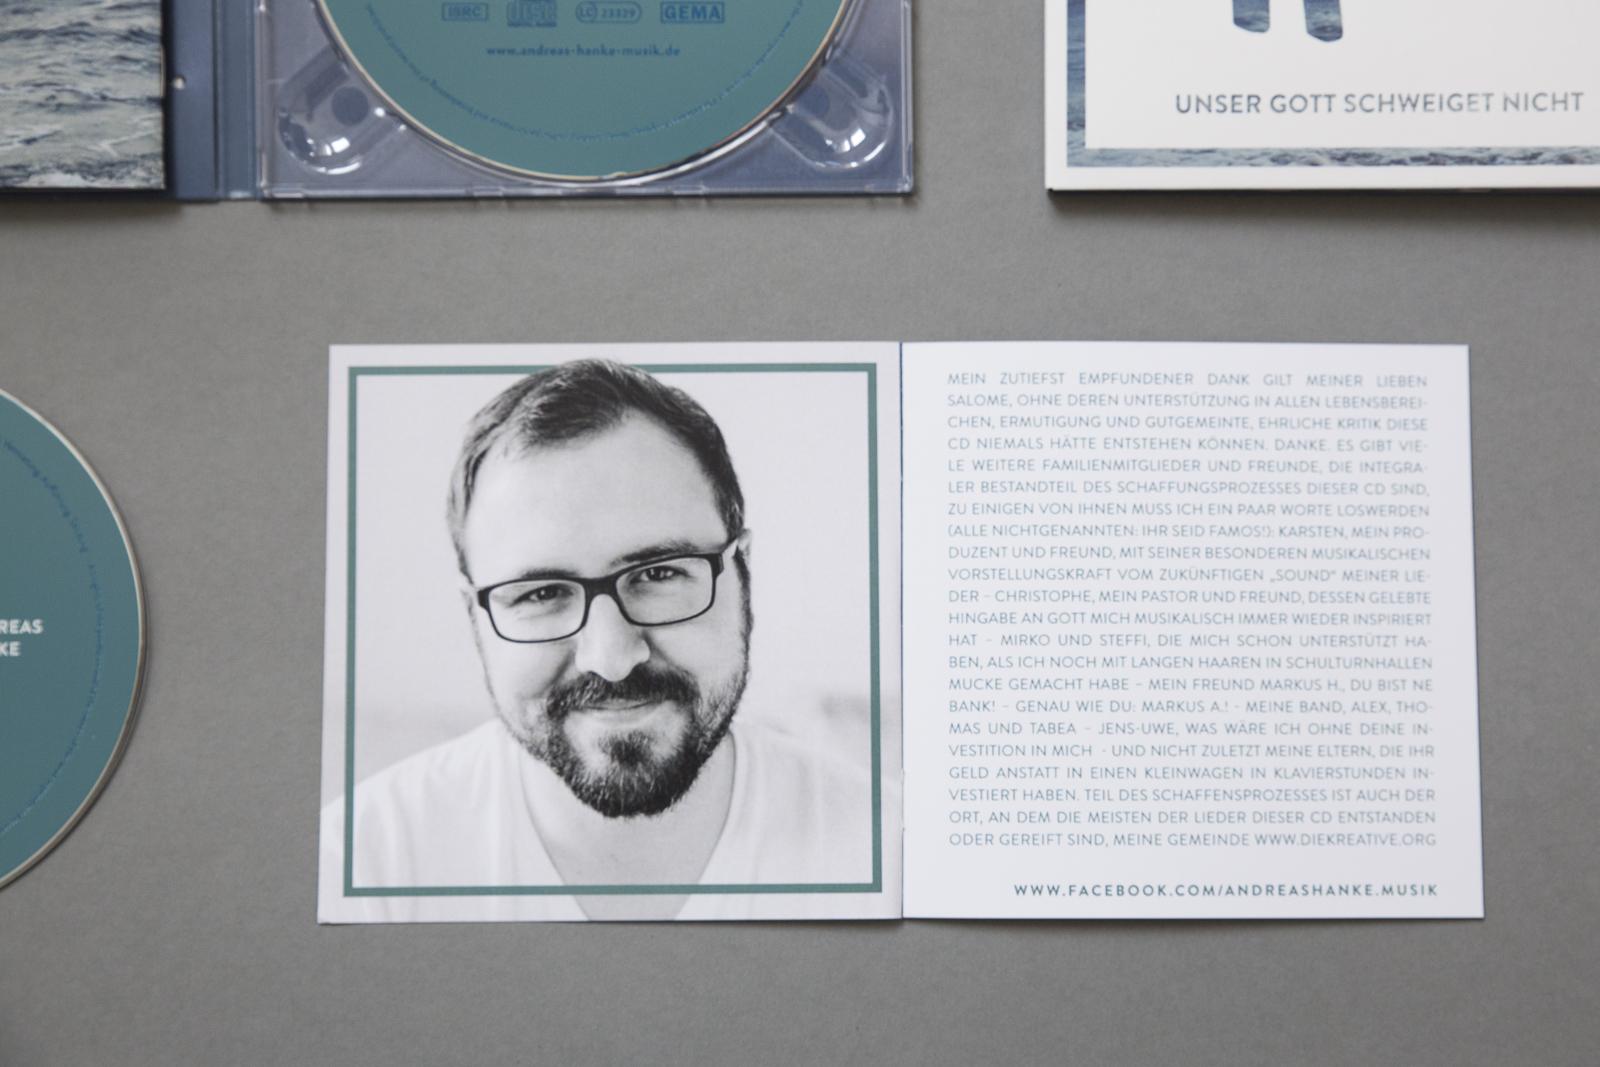 3_Andreas Hanke CD__MG_9262_bearbeitet_web